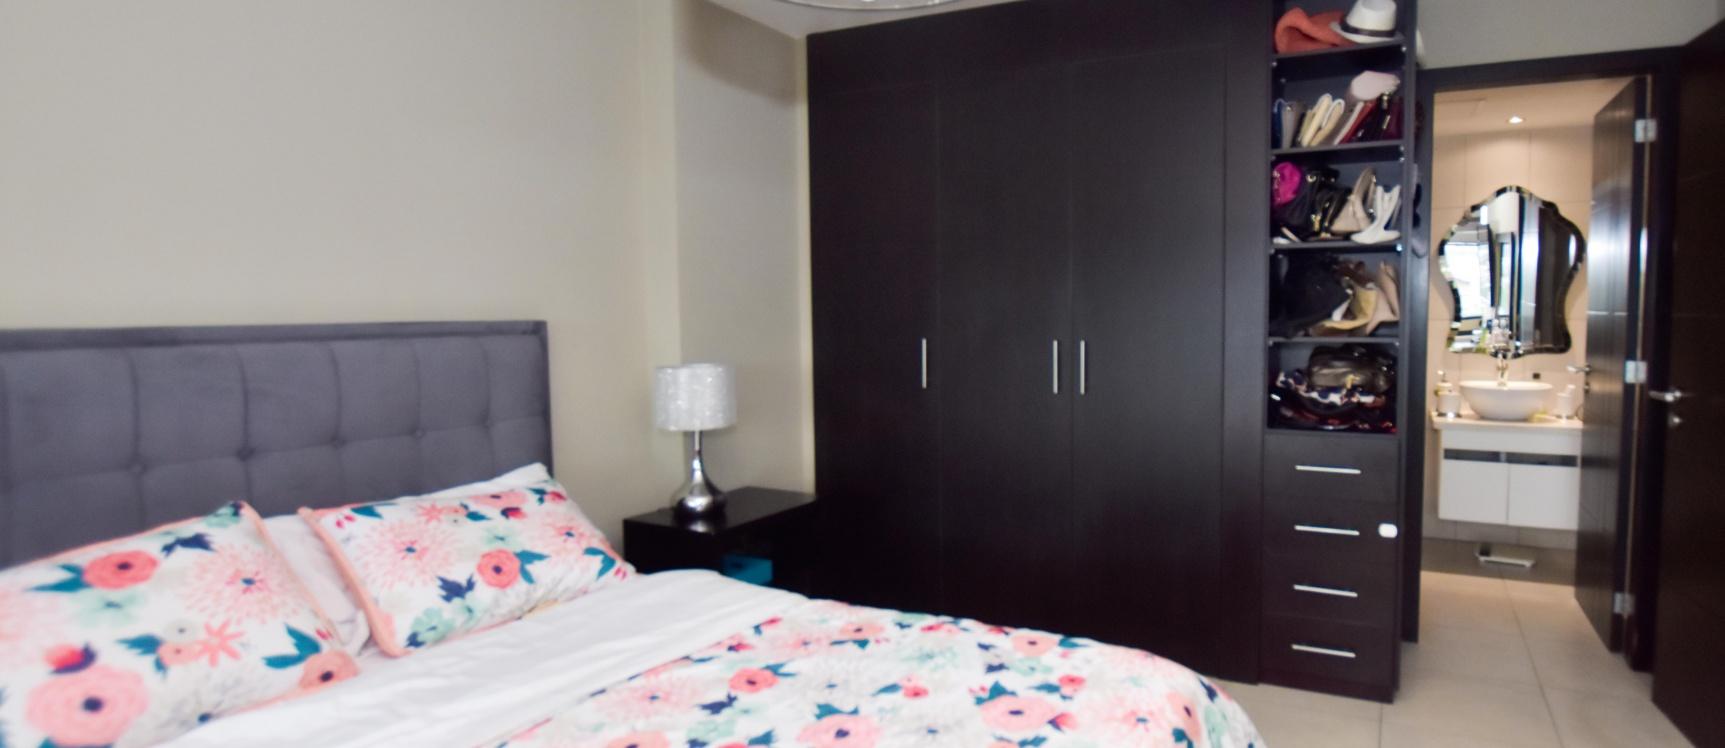 GeoBienes - Departamento en venta ubicado en Bellini III, Puerto Santa Ana - Plusvalia Guayaquil Casas de venta y alquiler Inmobiliaria Ecuador